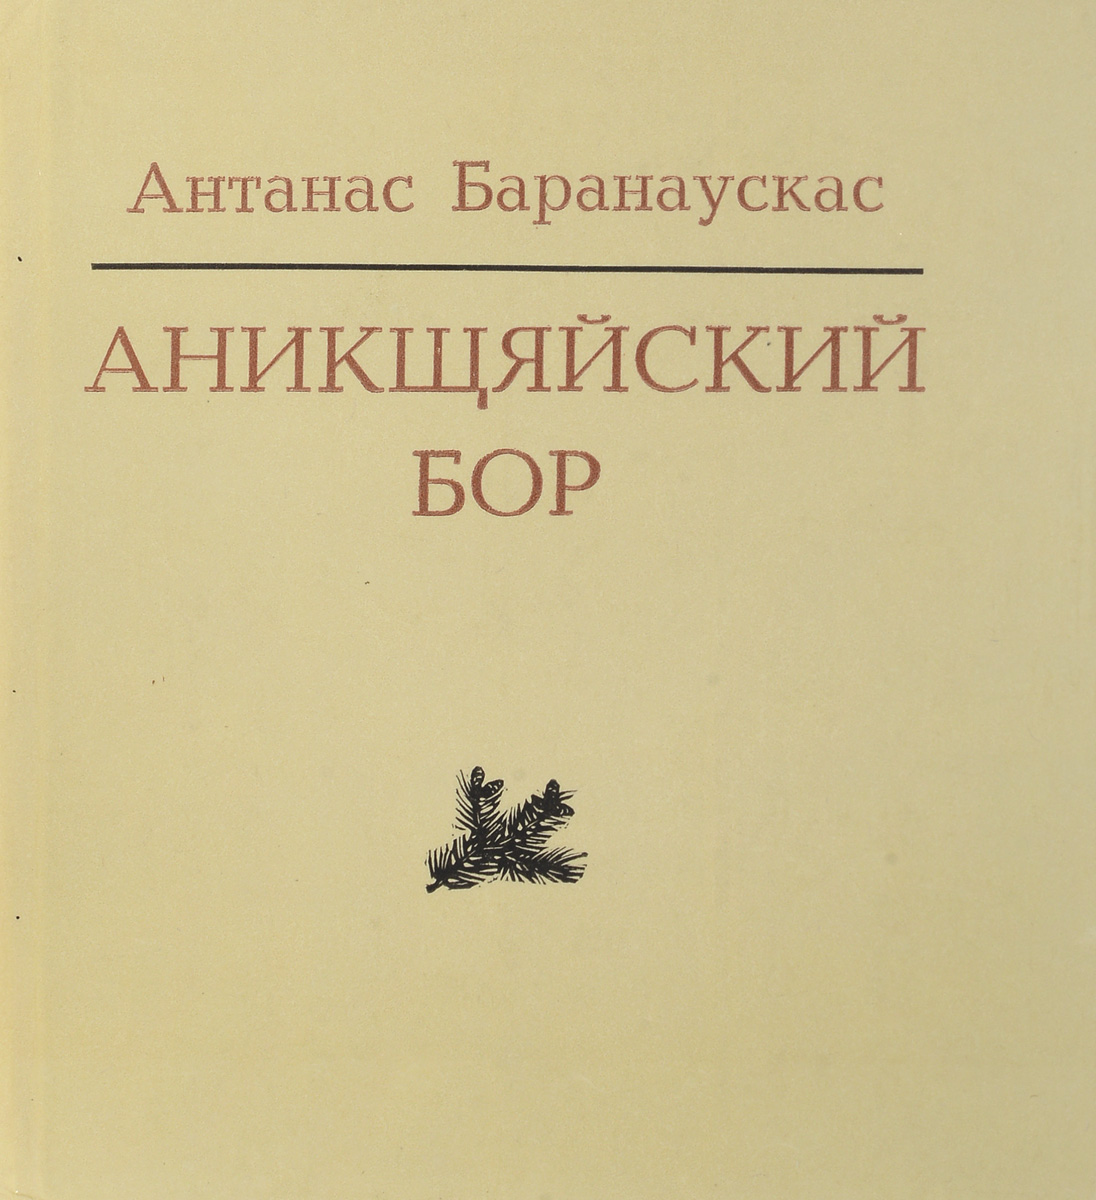 Аникщяйский бор.